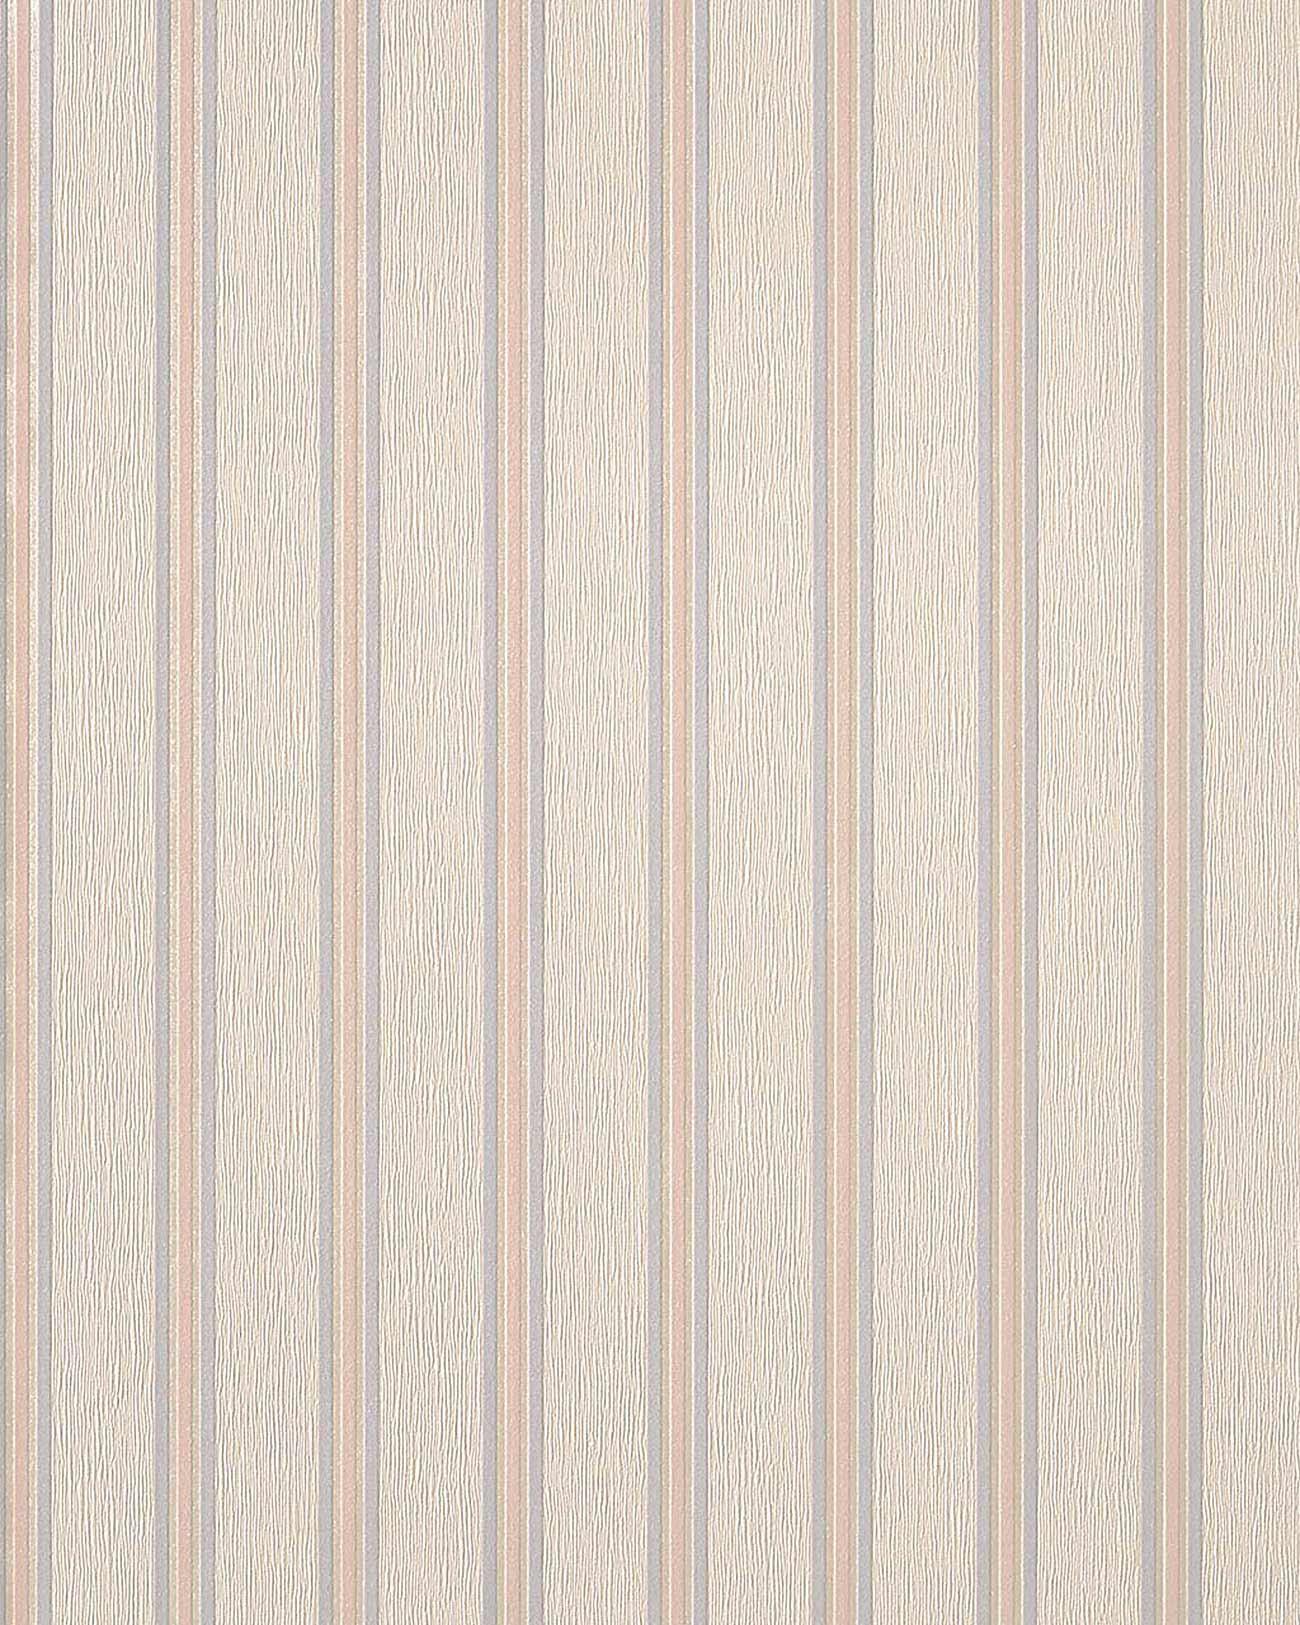 edem 112 33 stilvolle design streifen tapete beige creme hell violett hell rosa - Tapete Wohnzimmer Hell